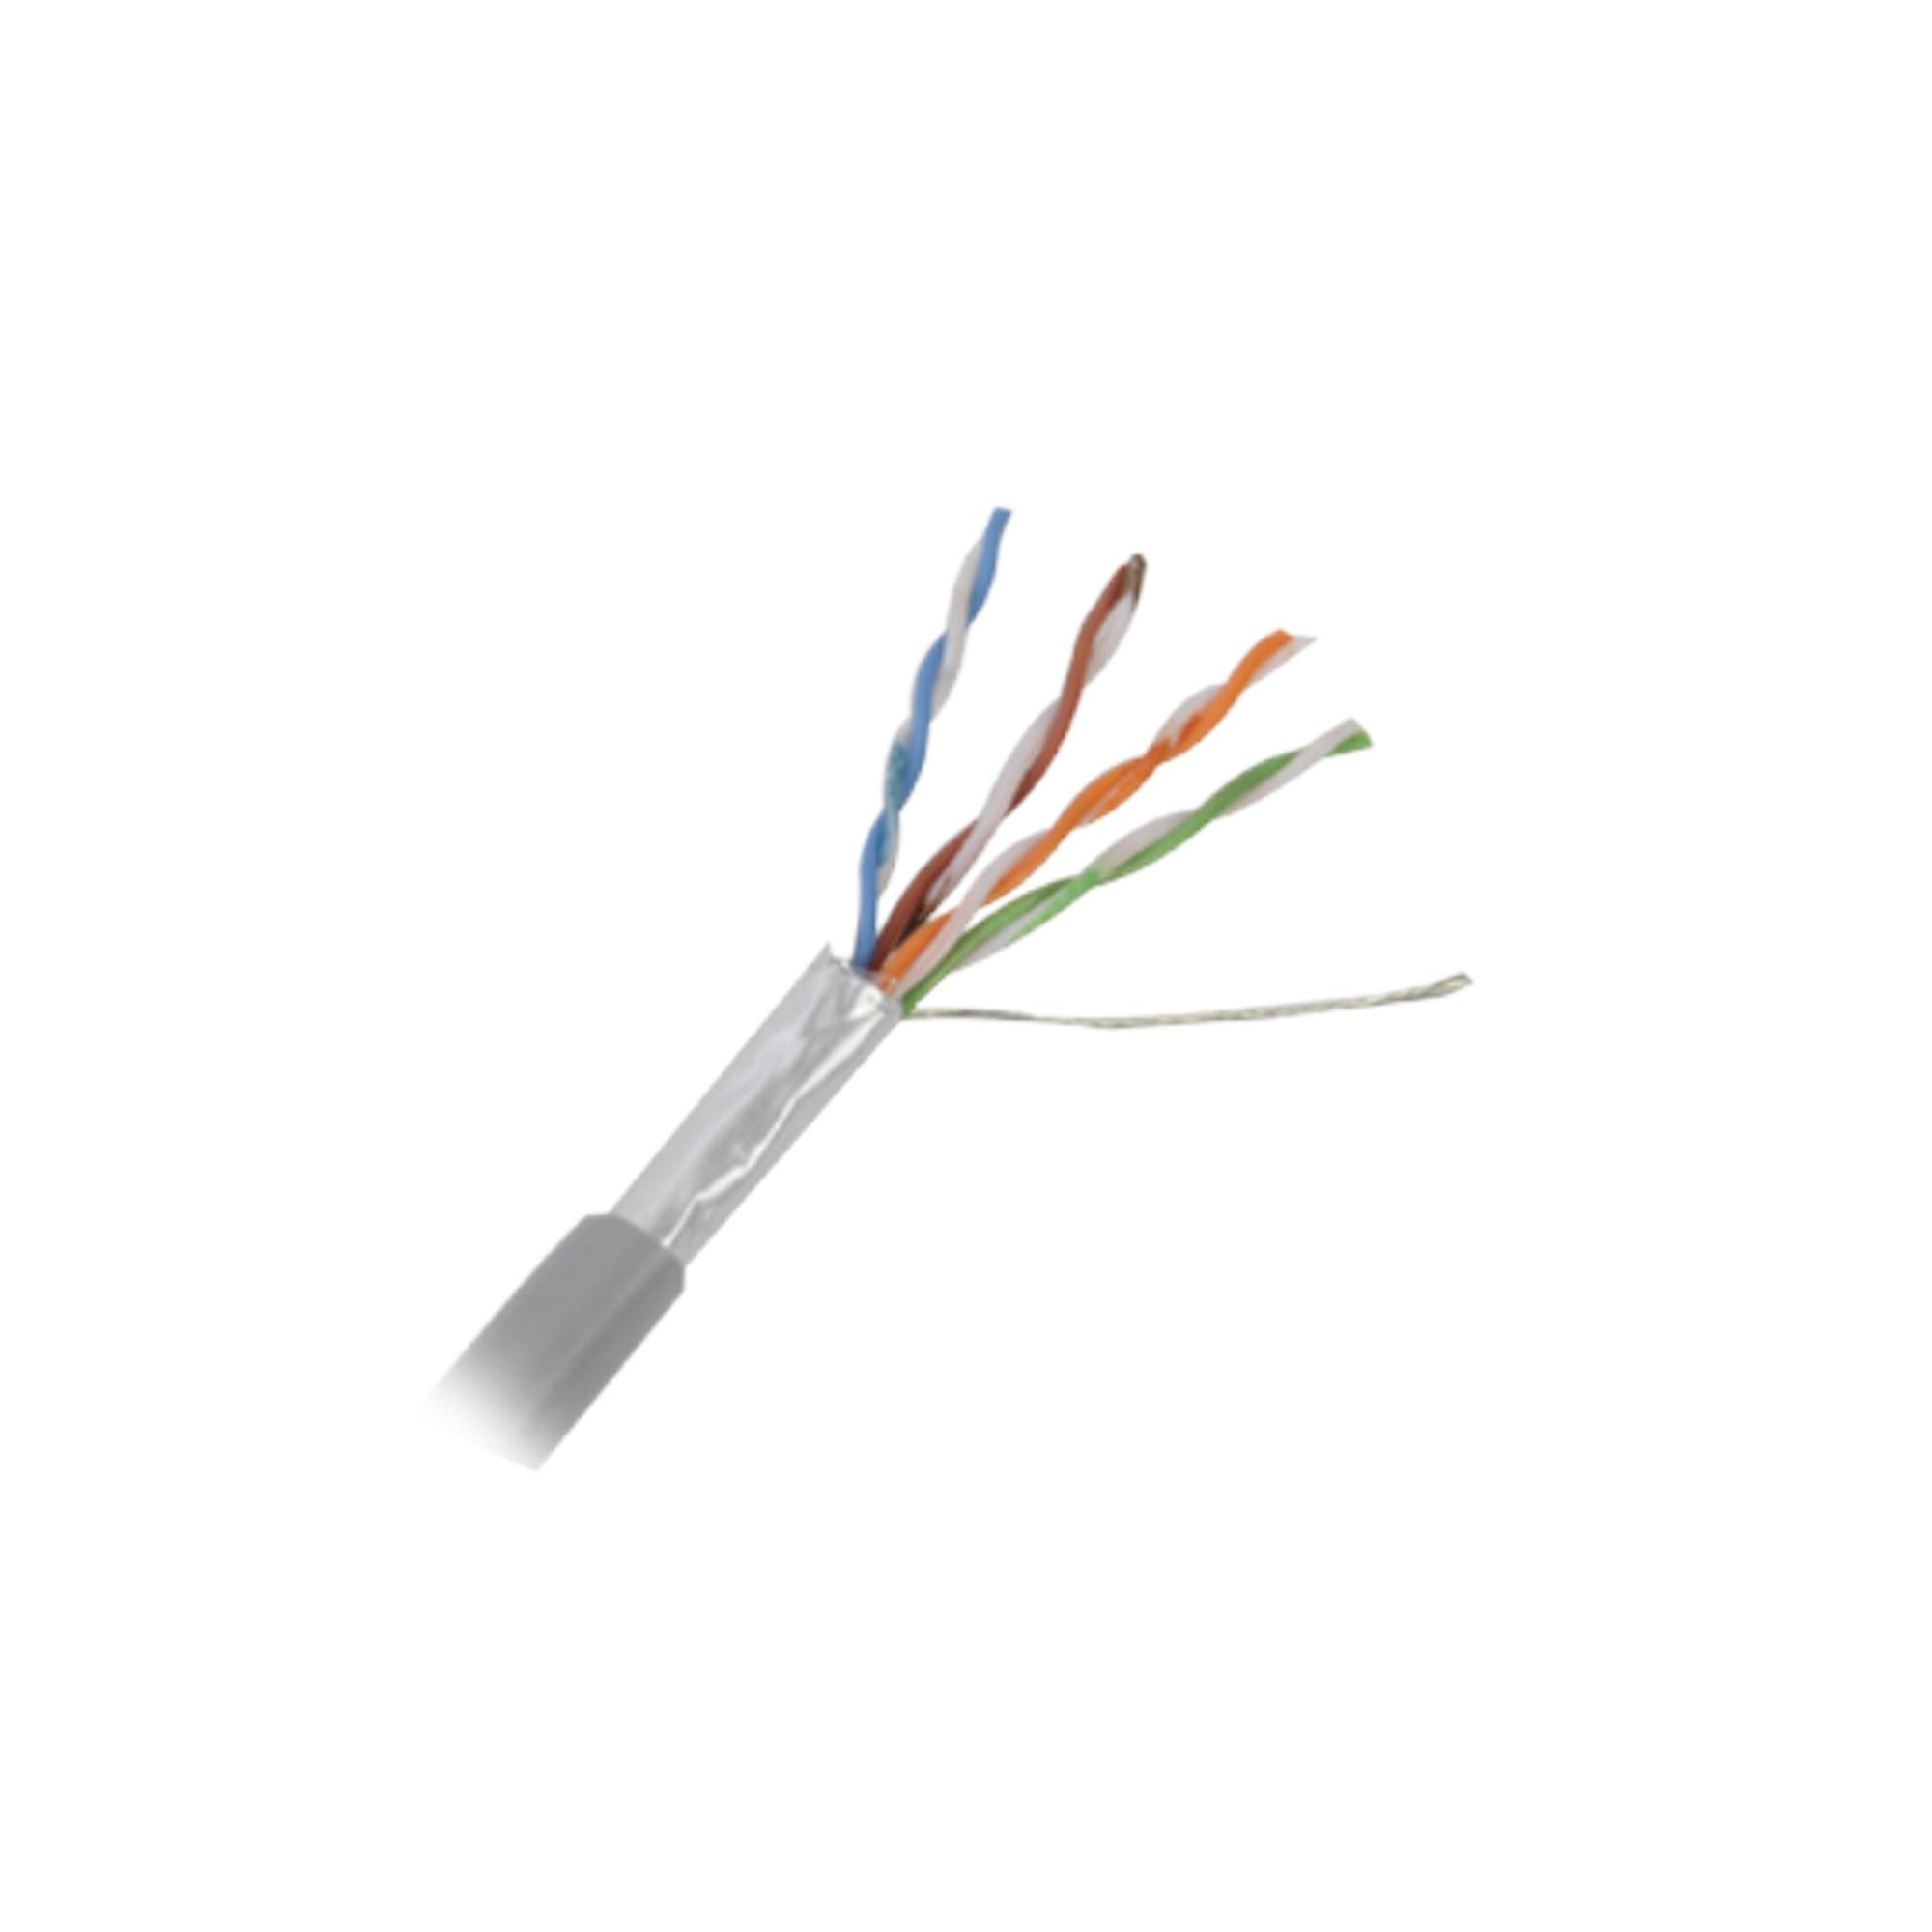 Retazo de 3 mts de Cable Cat5e FTP, ESCUT, UL, CMR, color Gris, para aplicaciones en CCTV y redes de datos. Uso en intemperie